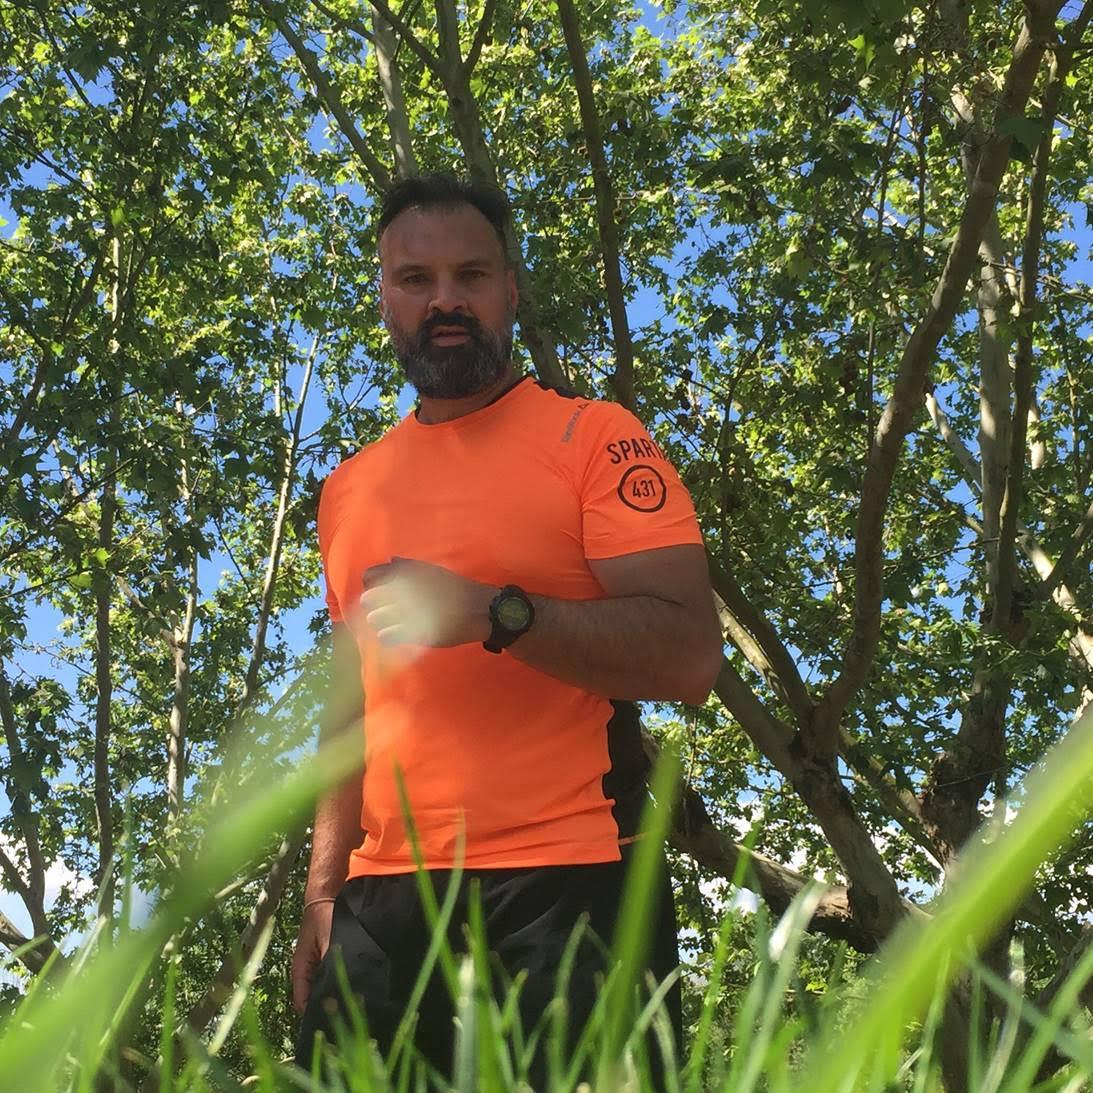 Hablamos con Ángel Sanz, el responsable del éxito de la Spartan Race